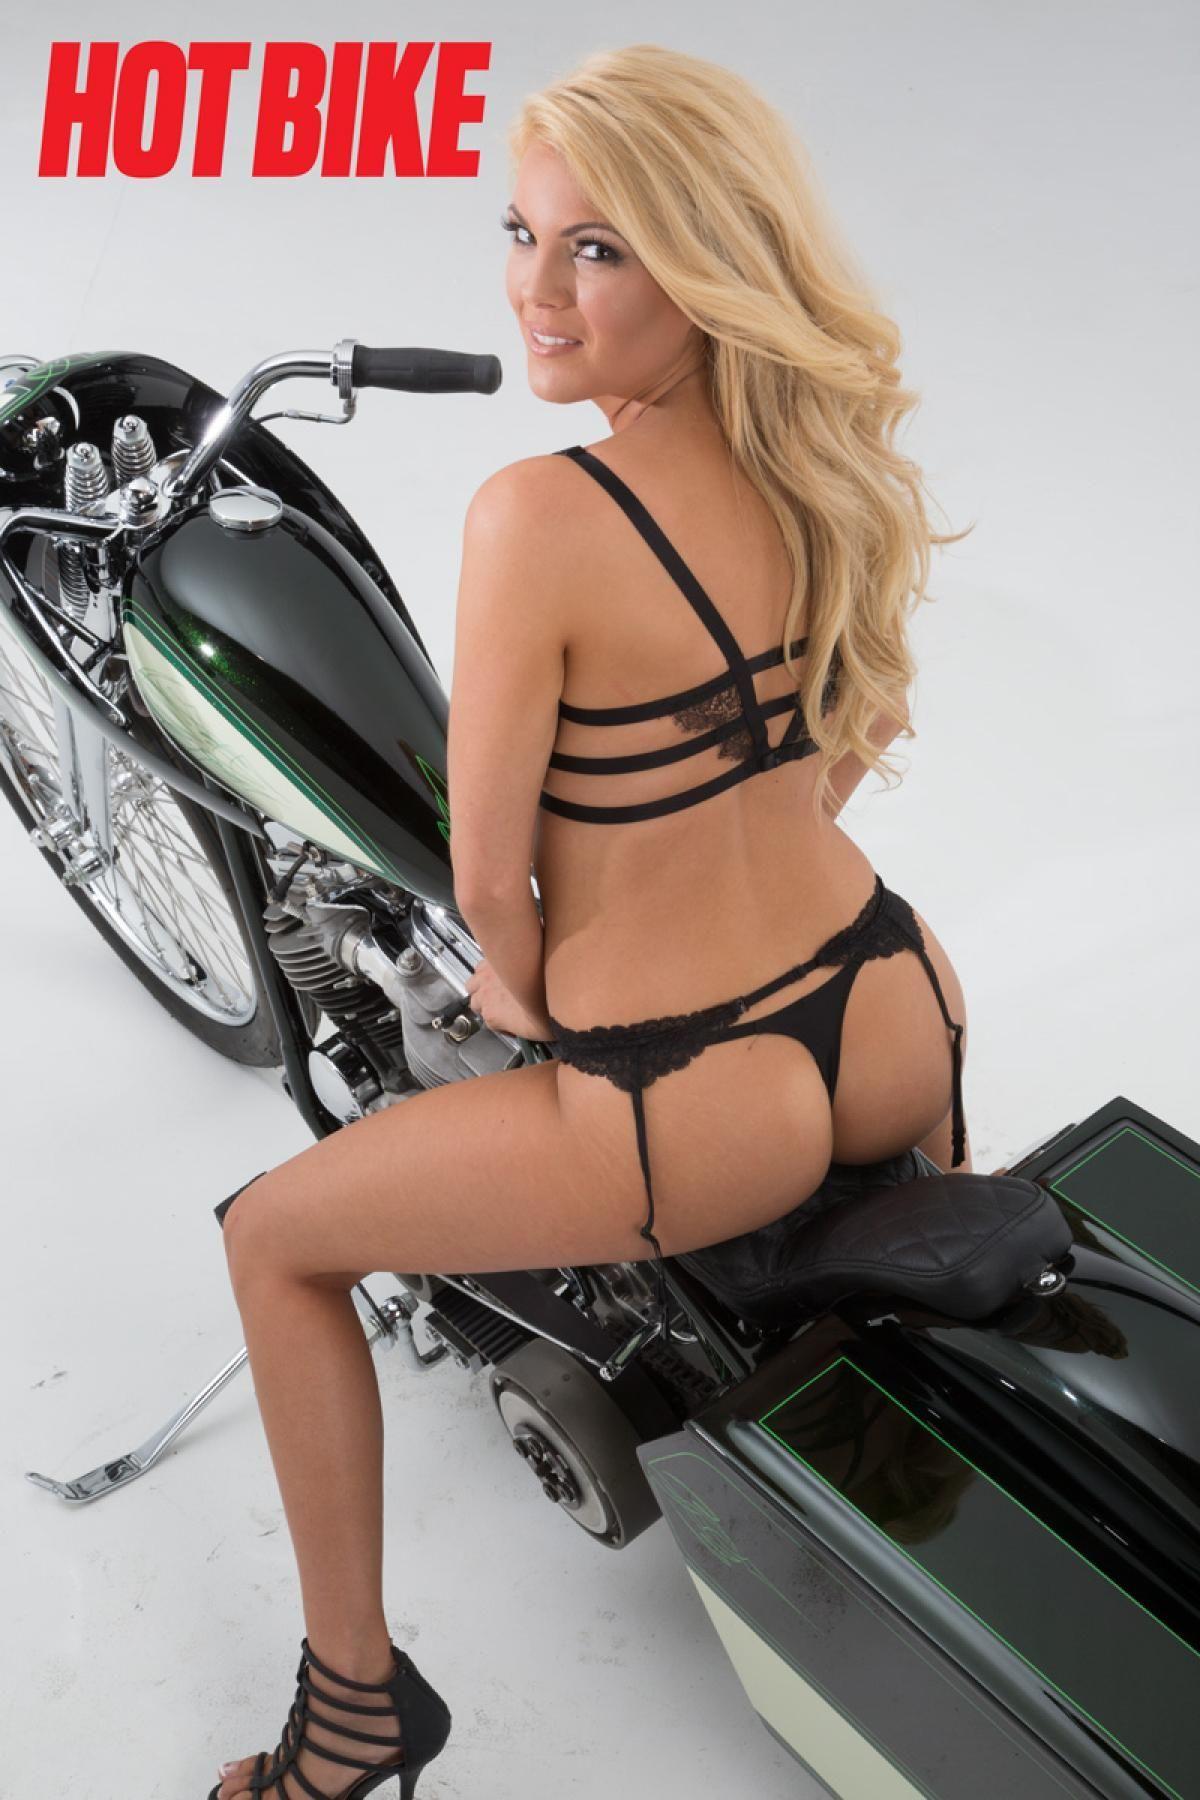 Heiße Bike Girl Galerie, Maryse nacktes Bild